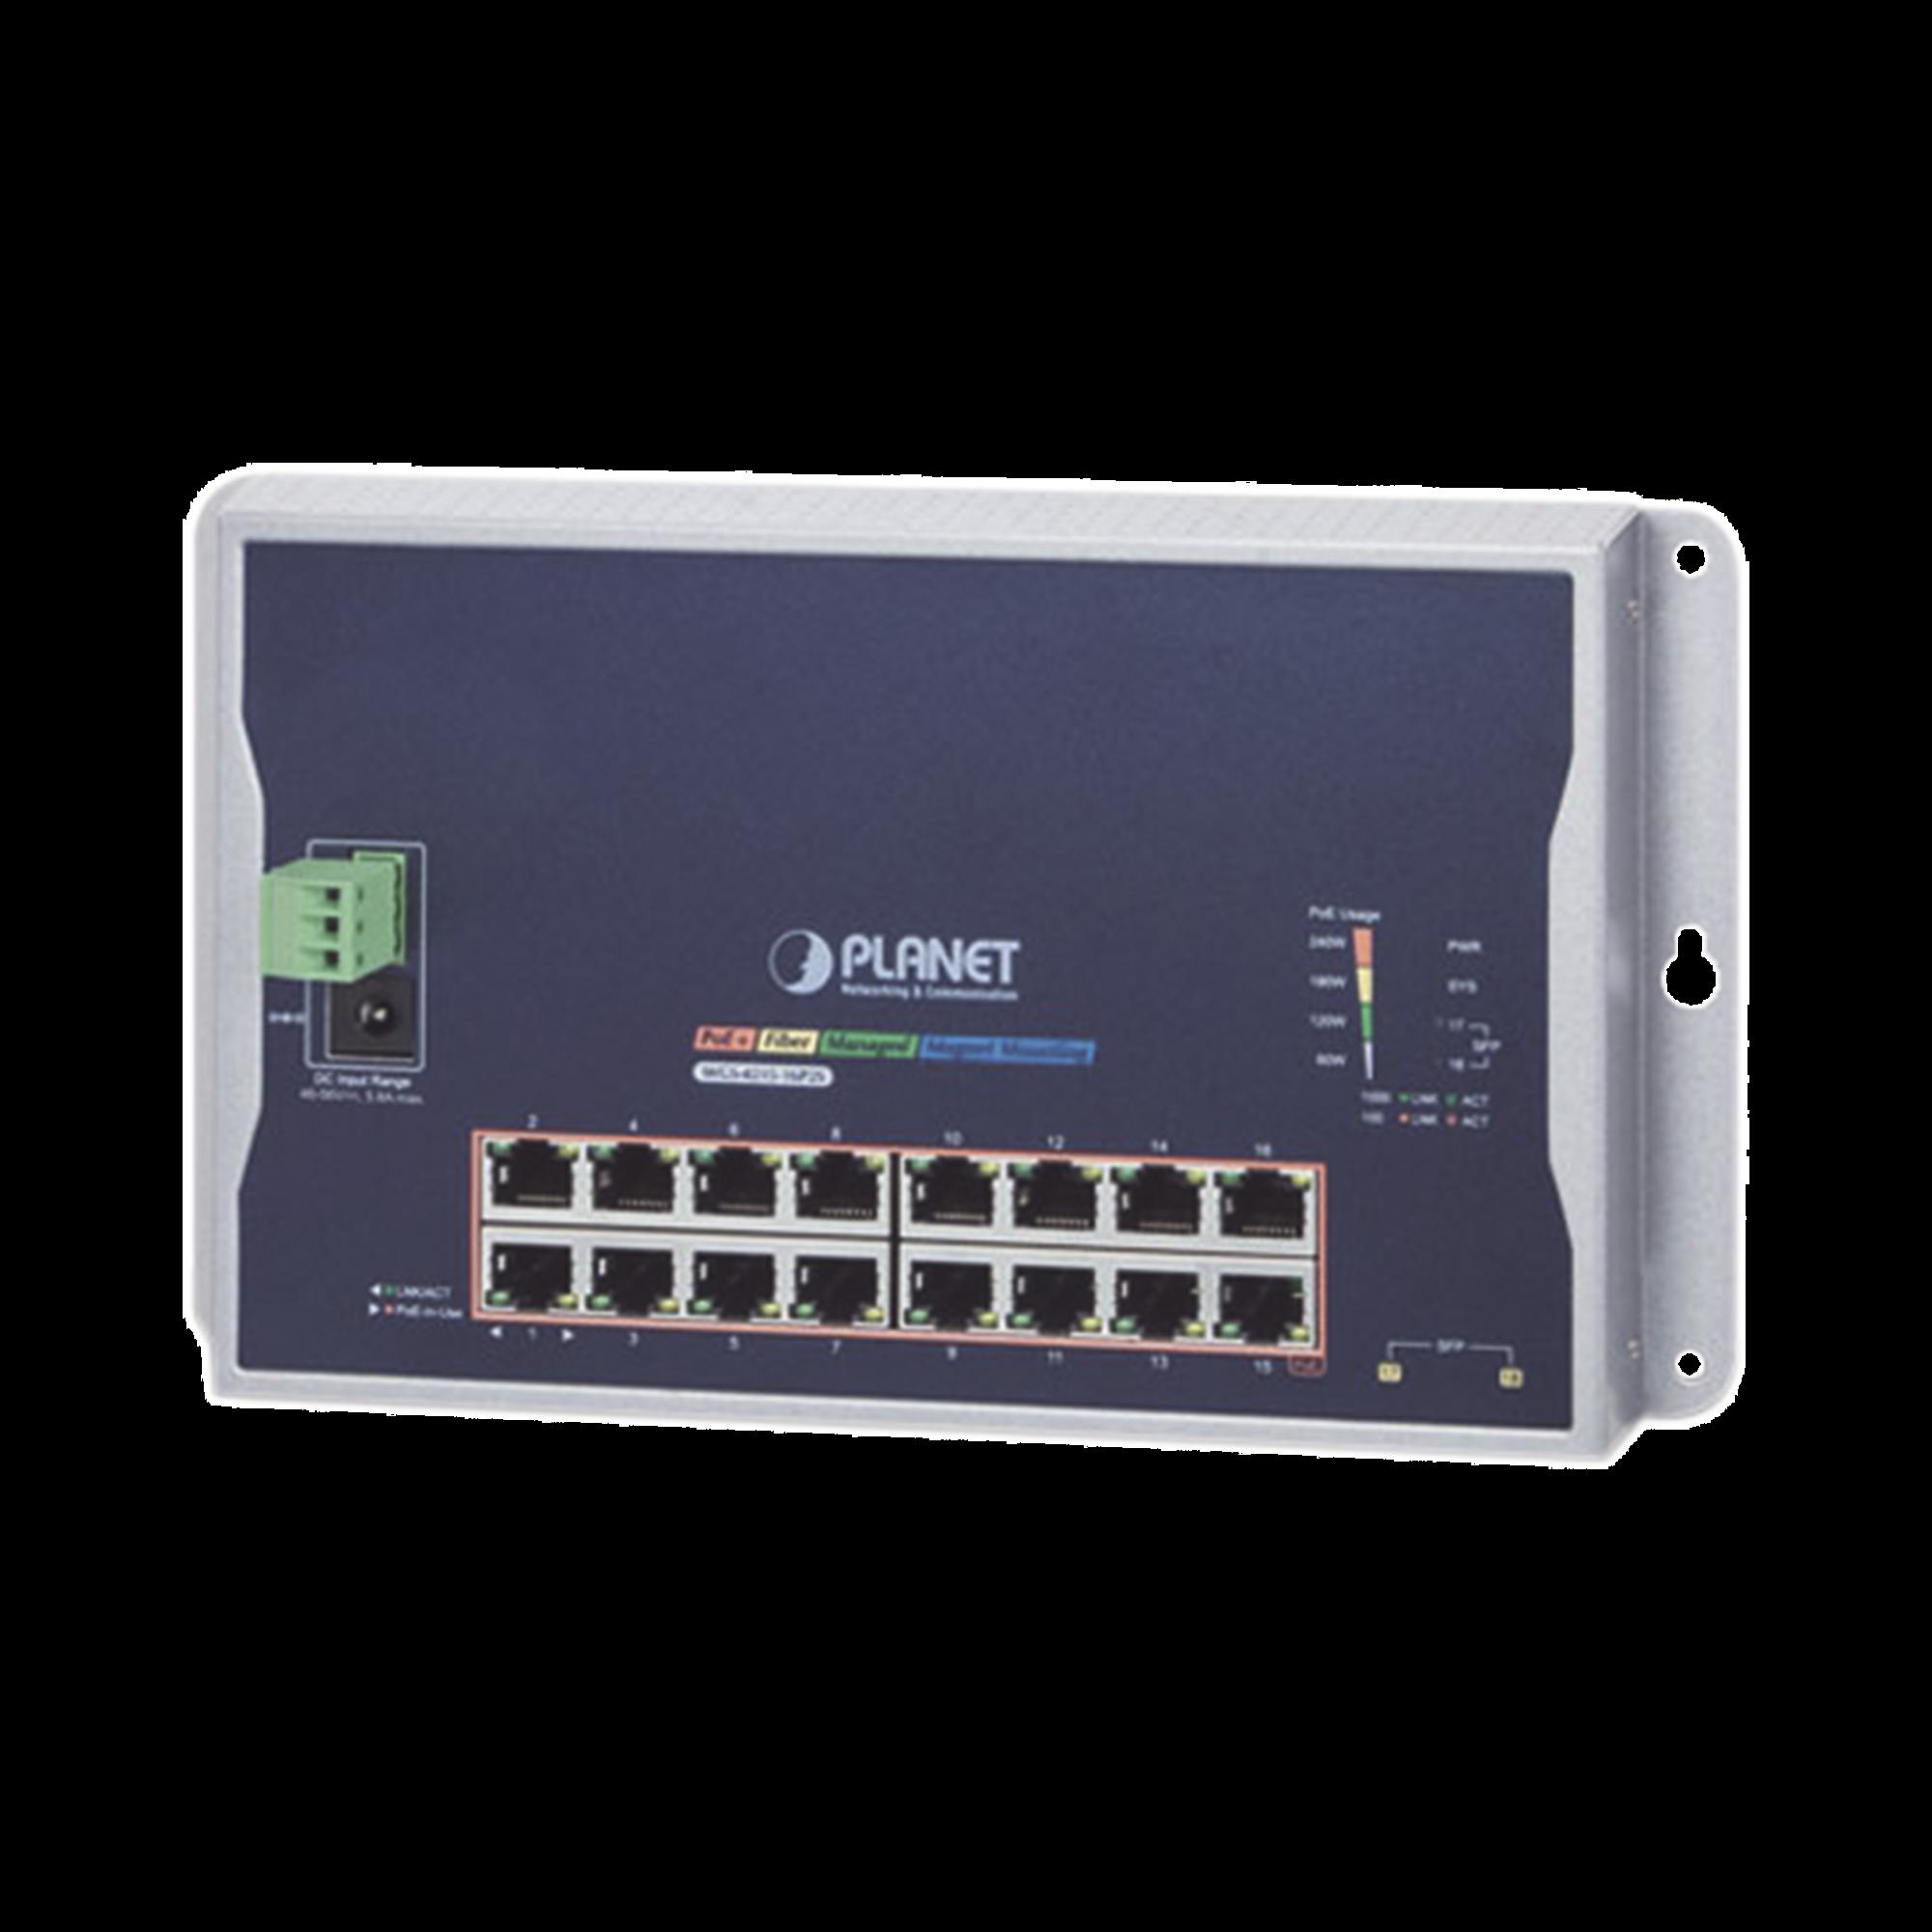 Switch Industrial Administrable Capa 2 de Pared,16 Puertos PoE 802.3at Gigabit y 2 Puertos SFP